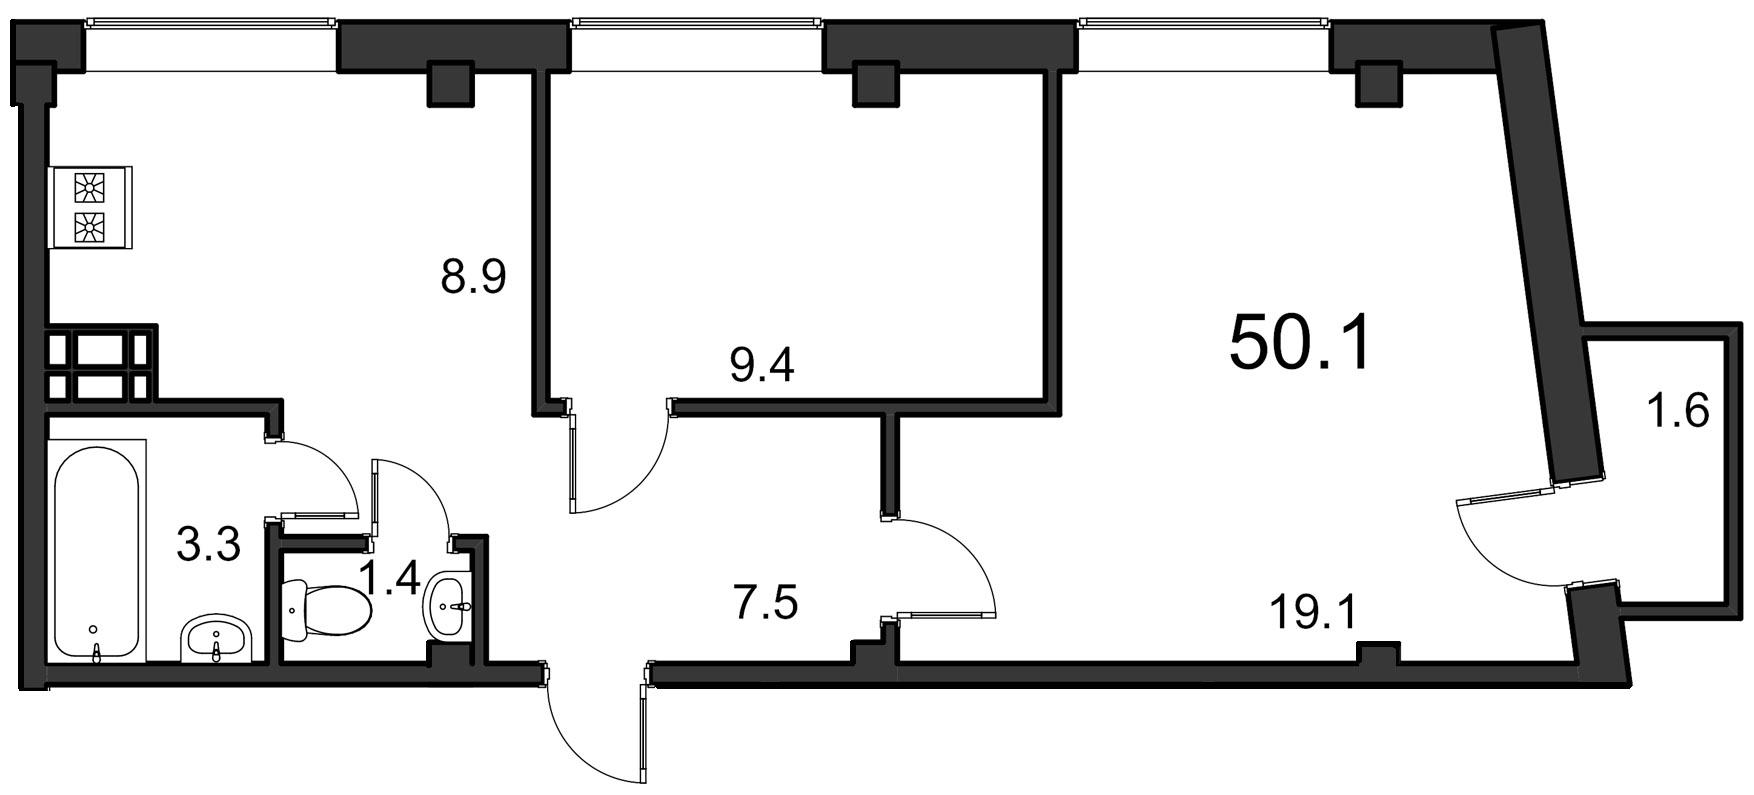 Планировка Двухкомнатная квартира площадью 50.1 кв.м в ЖК «ORANGE»